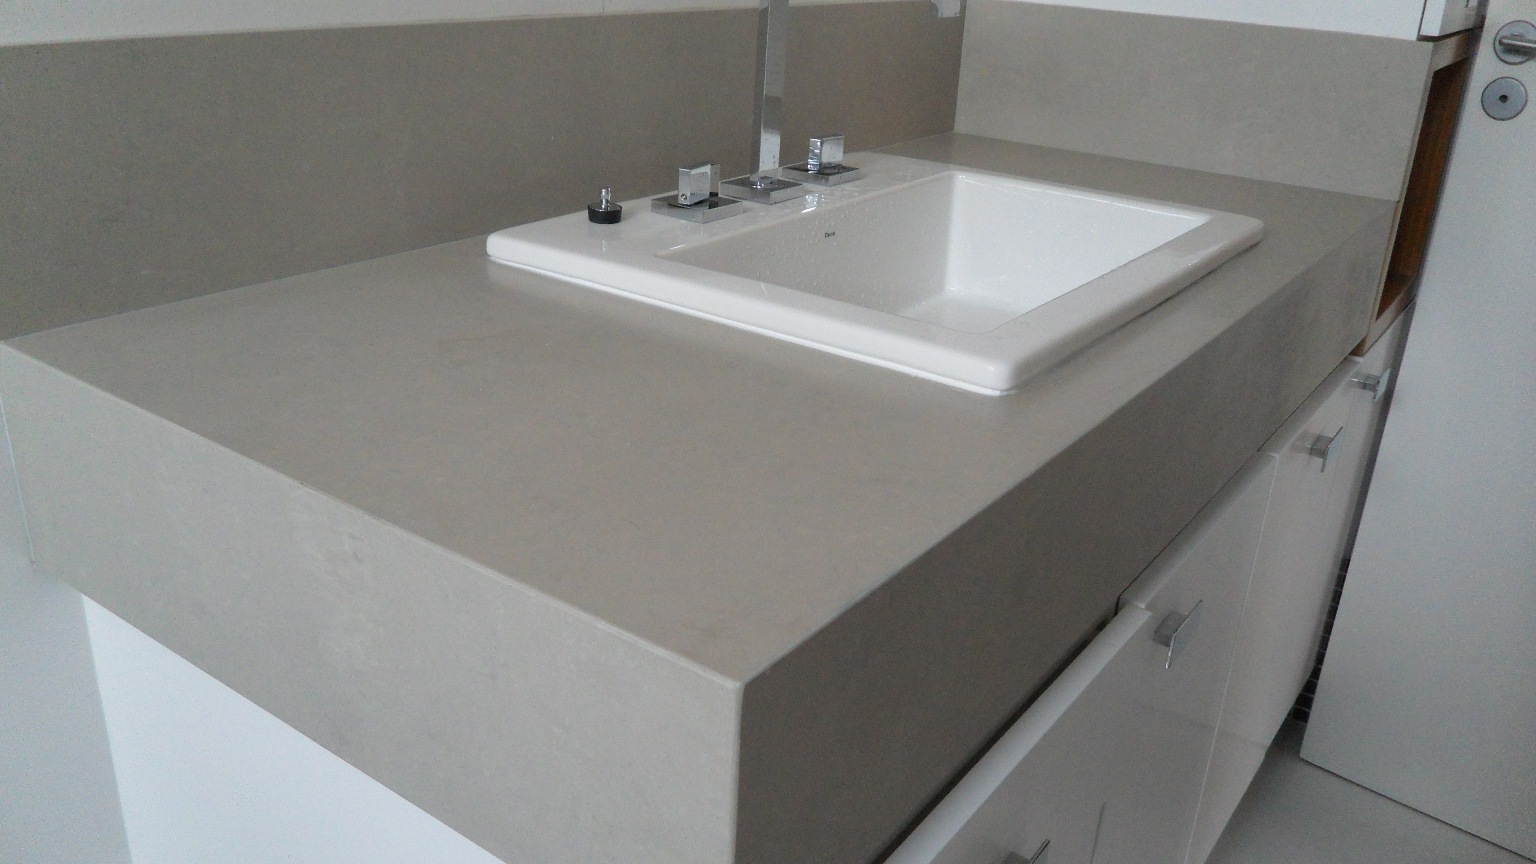 porcelanato.: Bancada e Nicho Porcelanato Portinari por Bel Taglio #596672 1536x864 Banheiro Com Bancada De Porcelanato